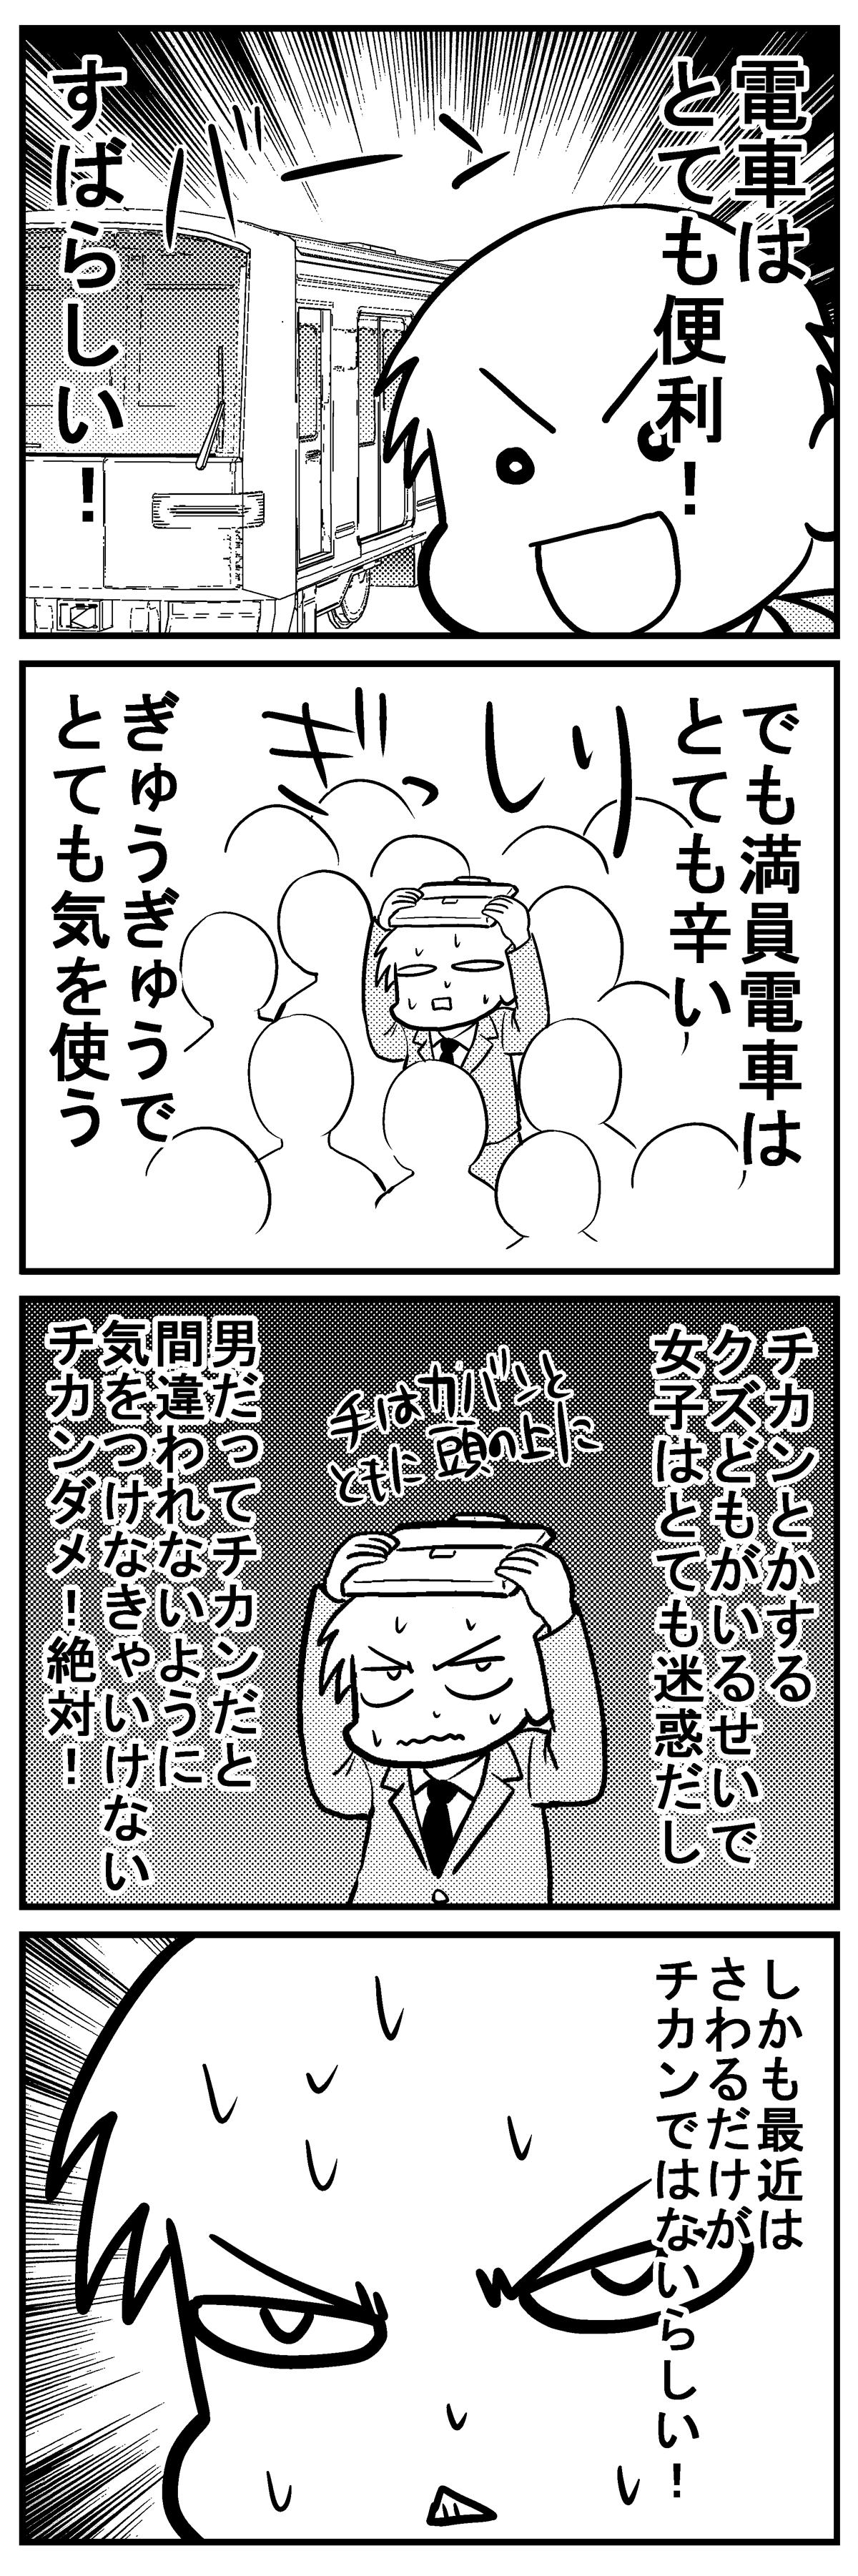 深読みくん53-1